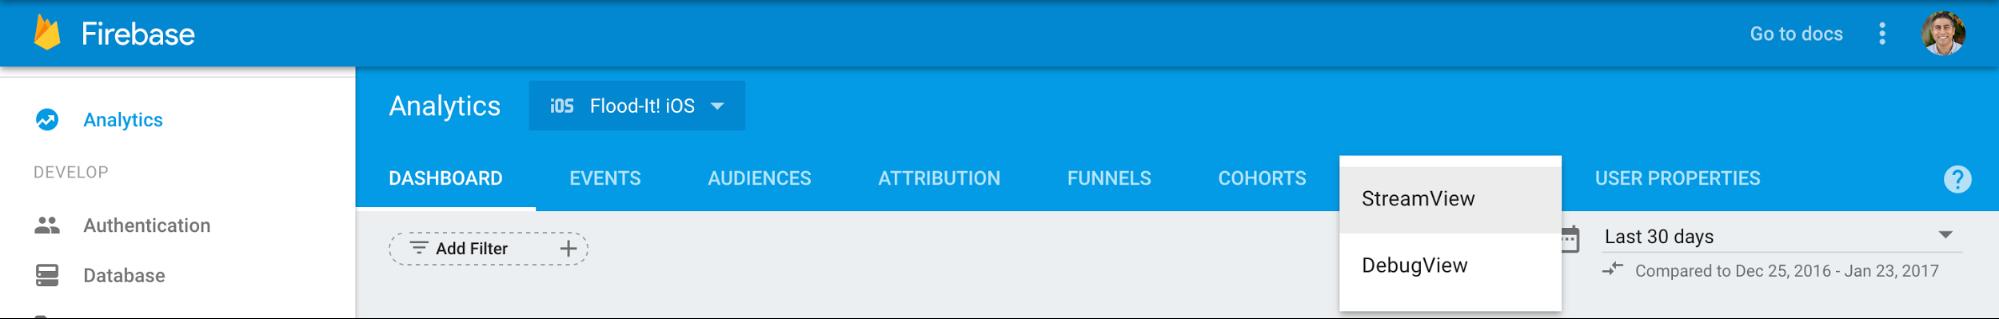 Buka DebugView dengan memilih tanda panah di samping StreamView pada nav teratas Google Analytics, lalu pilih DebugView